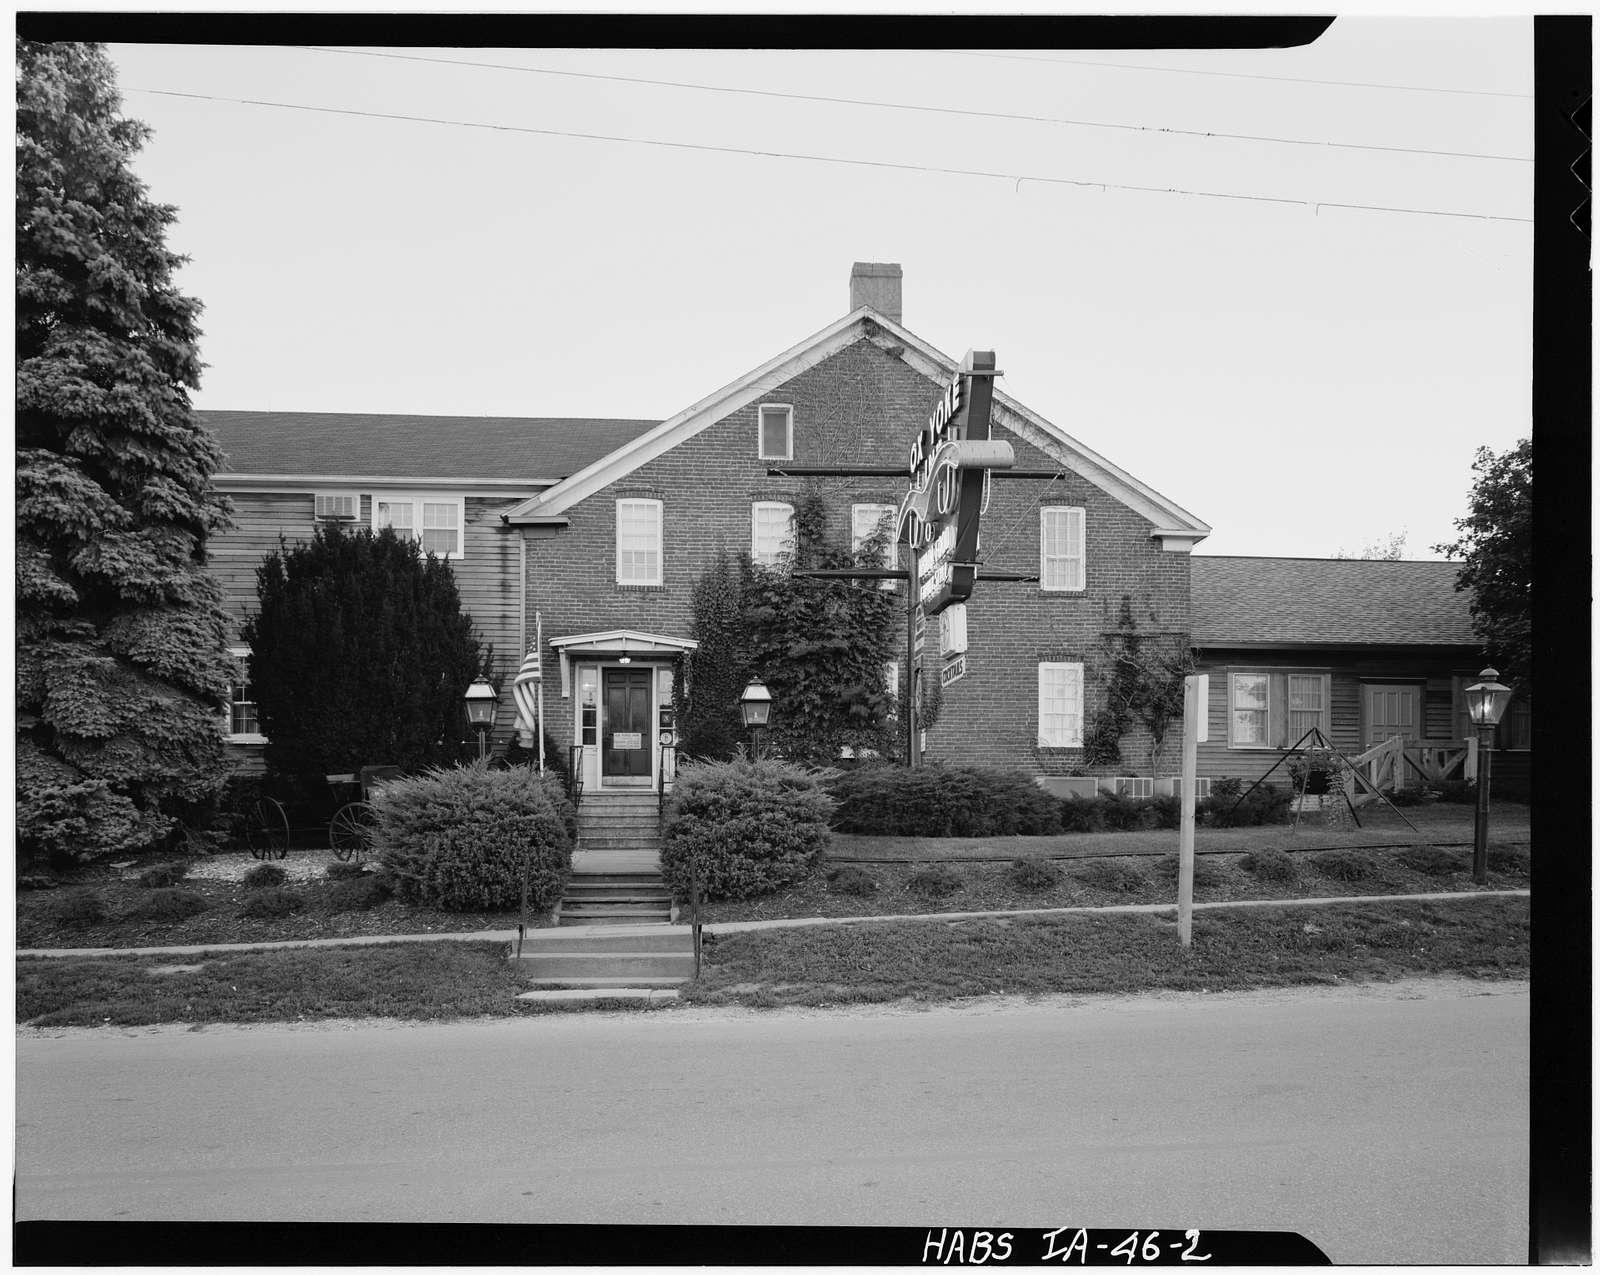 John Haas House, State Route 220, Amana, Iowa County, IA